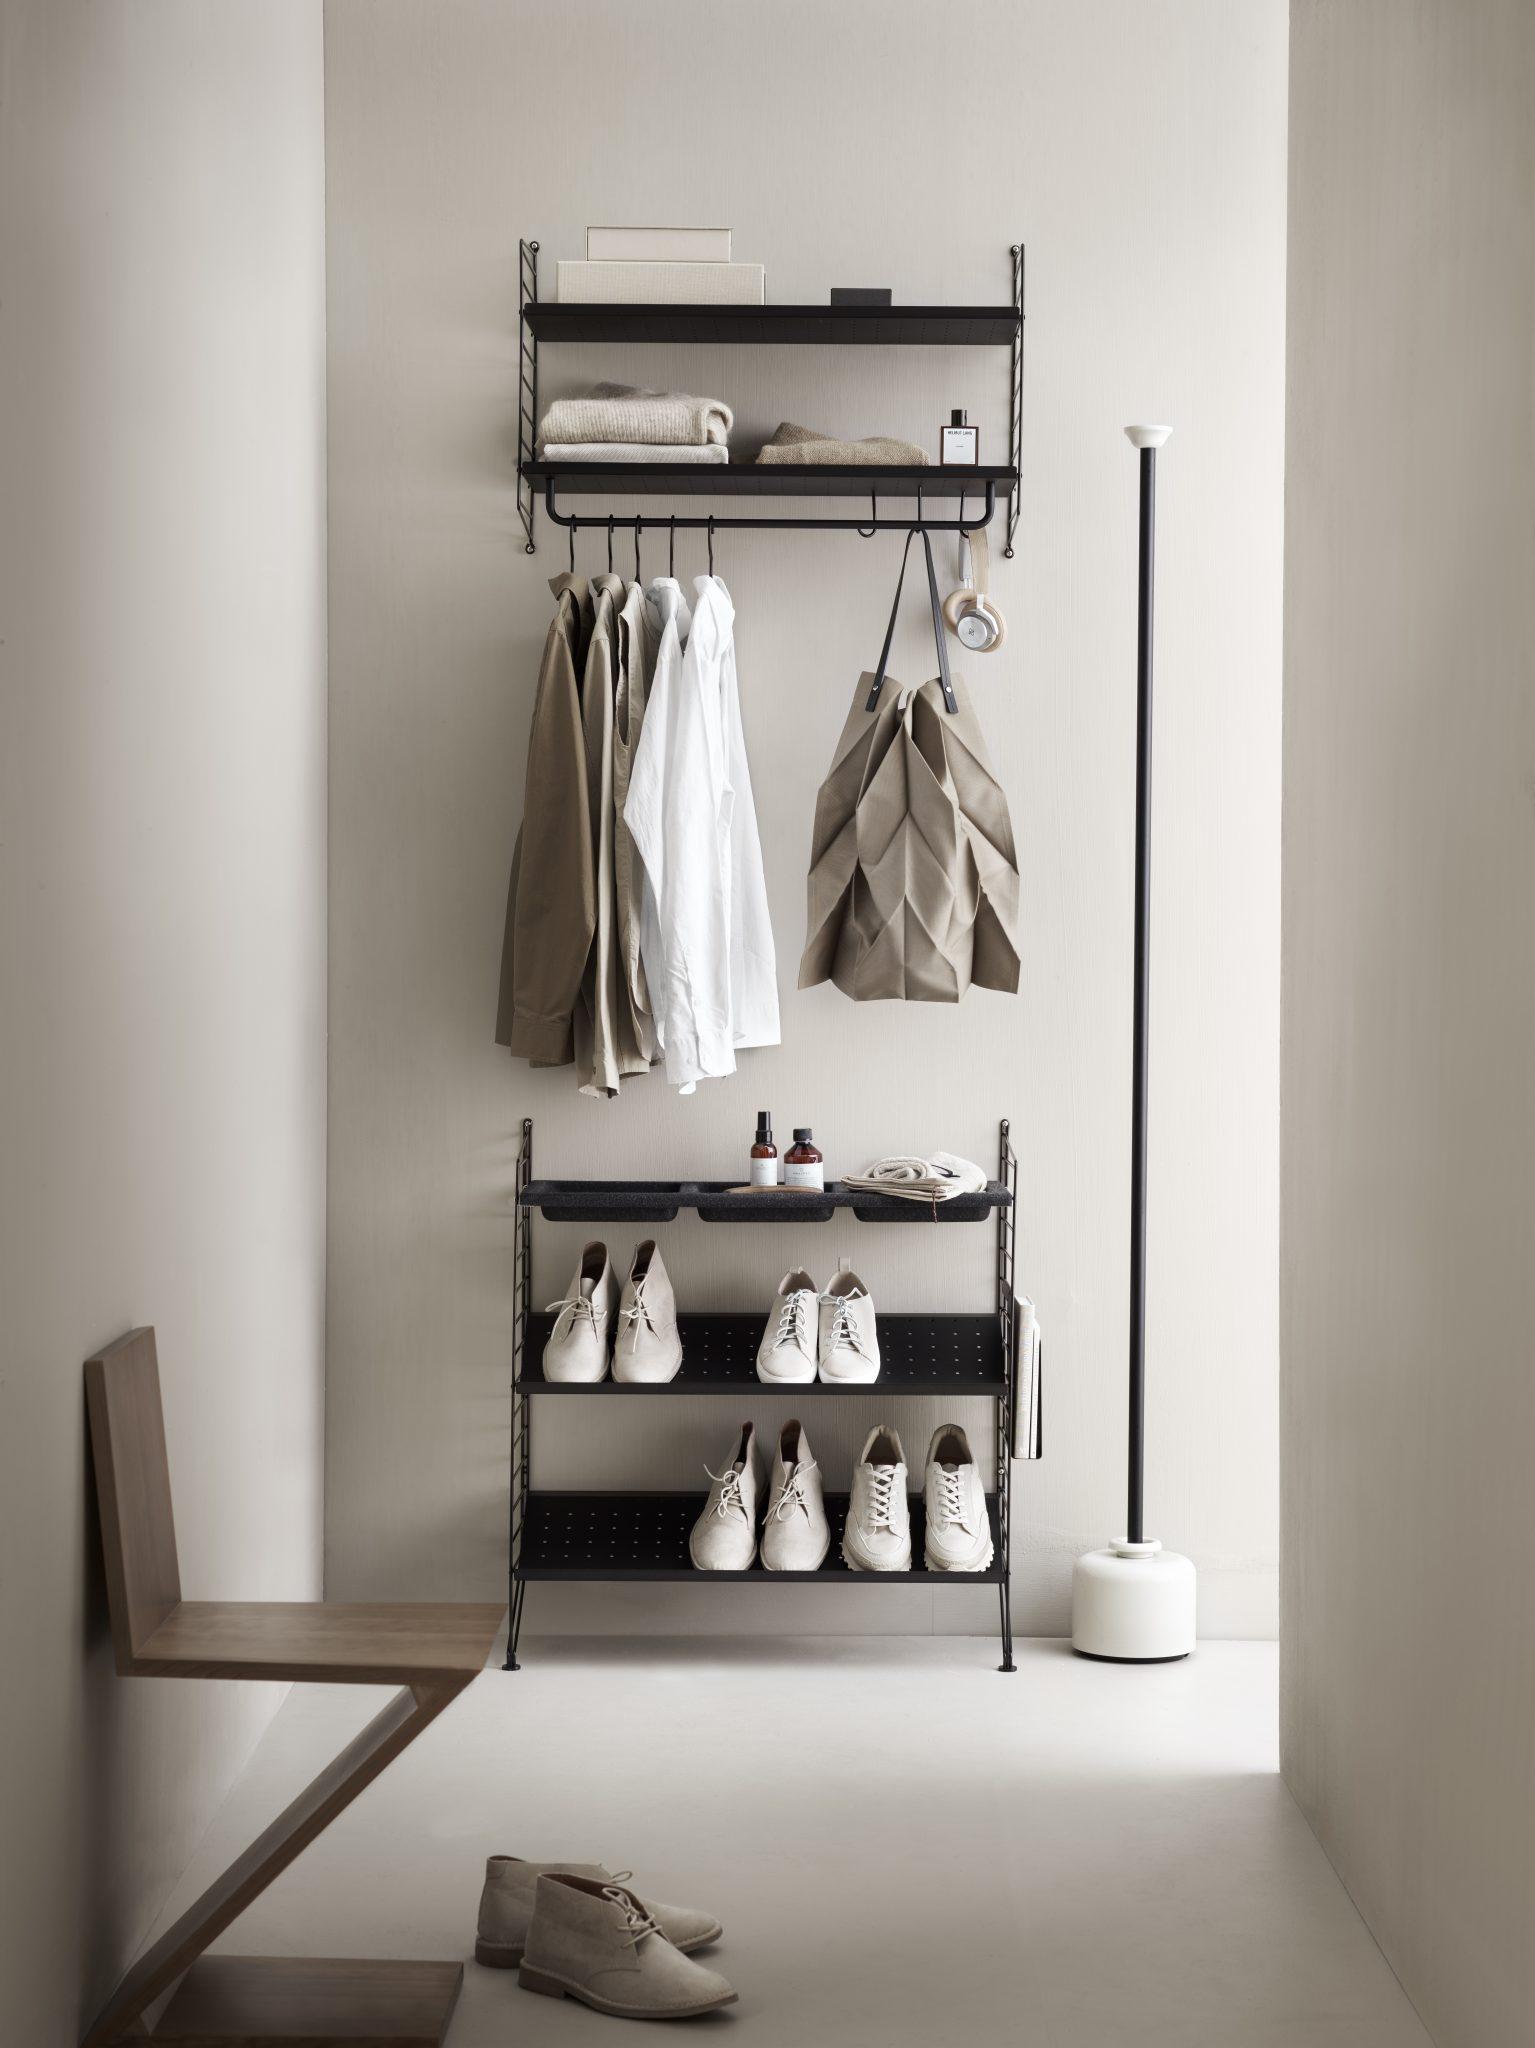 Enorm String Garderobe til Entré - Bohemia Beige, grå, hvit vegghylle GP-86